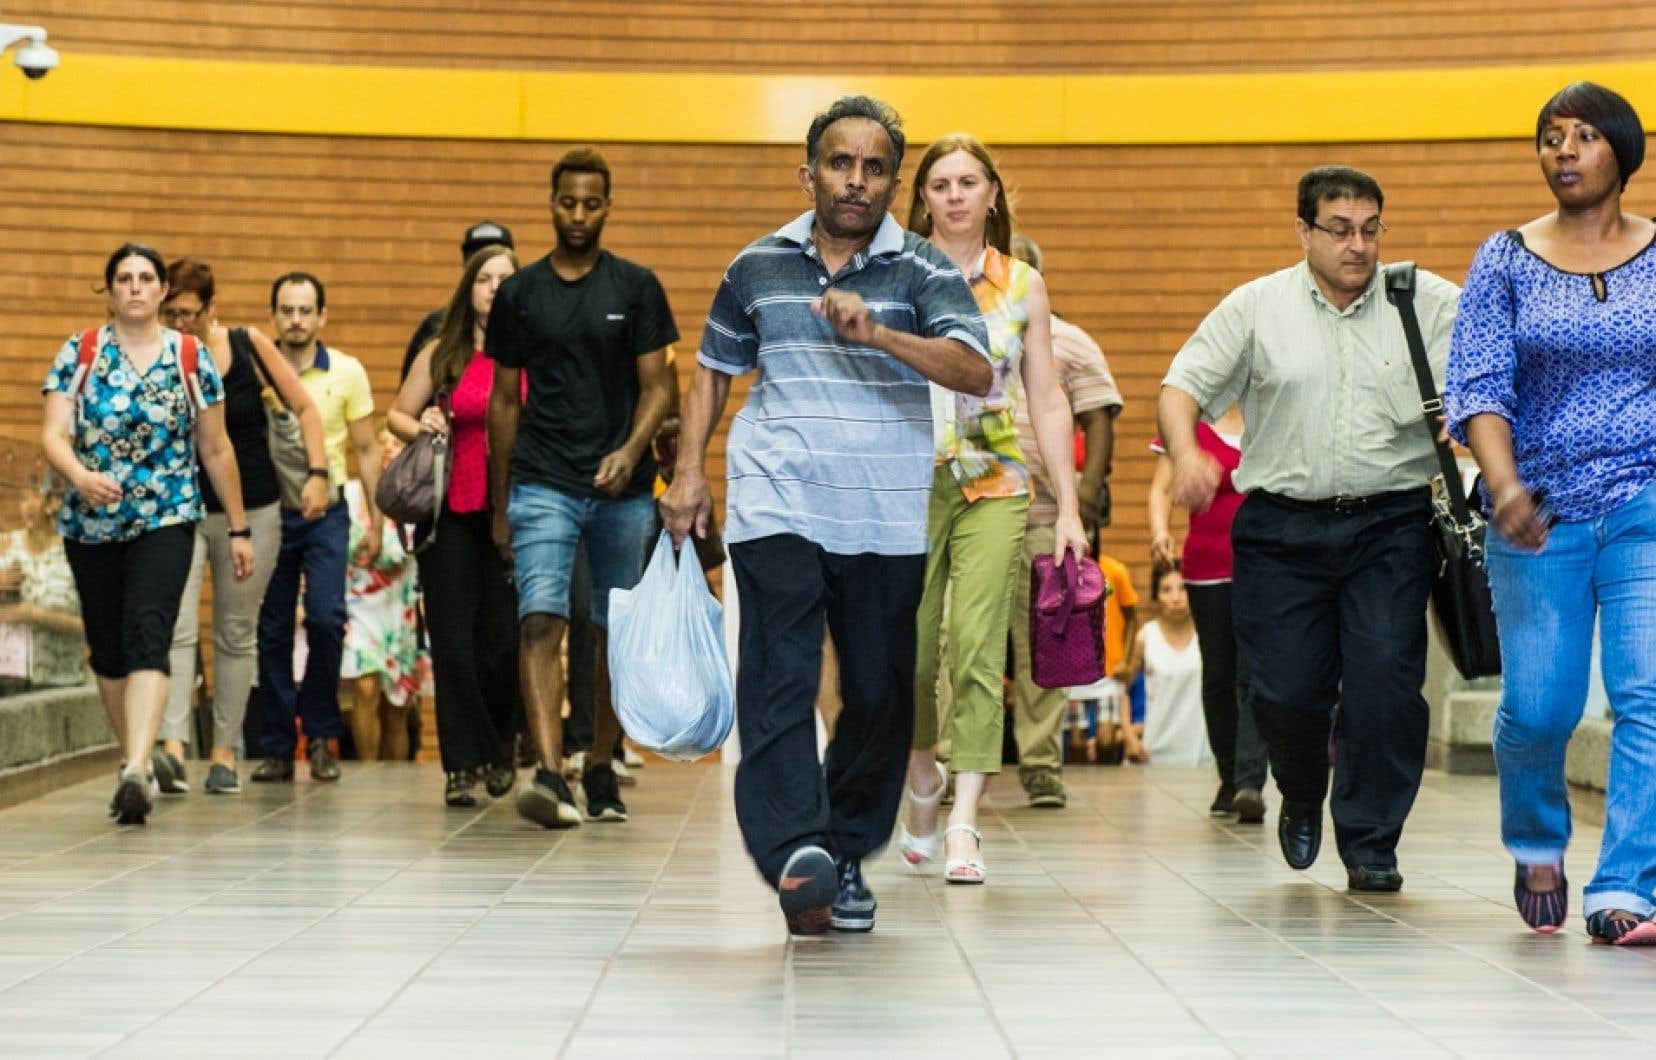 <p>Si les tendances démographiques récentes se maintiennent, l'ISQ calcule que le Québec devrait passer de 8,4millions d'habitants en 2018 à 9millions d'habitants en 2030.</p>